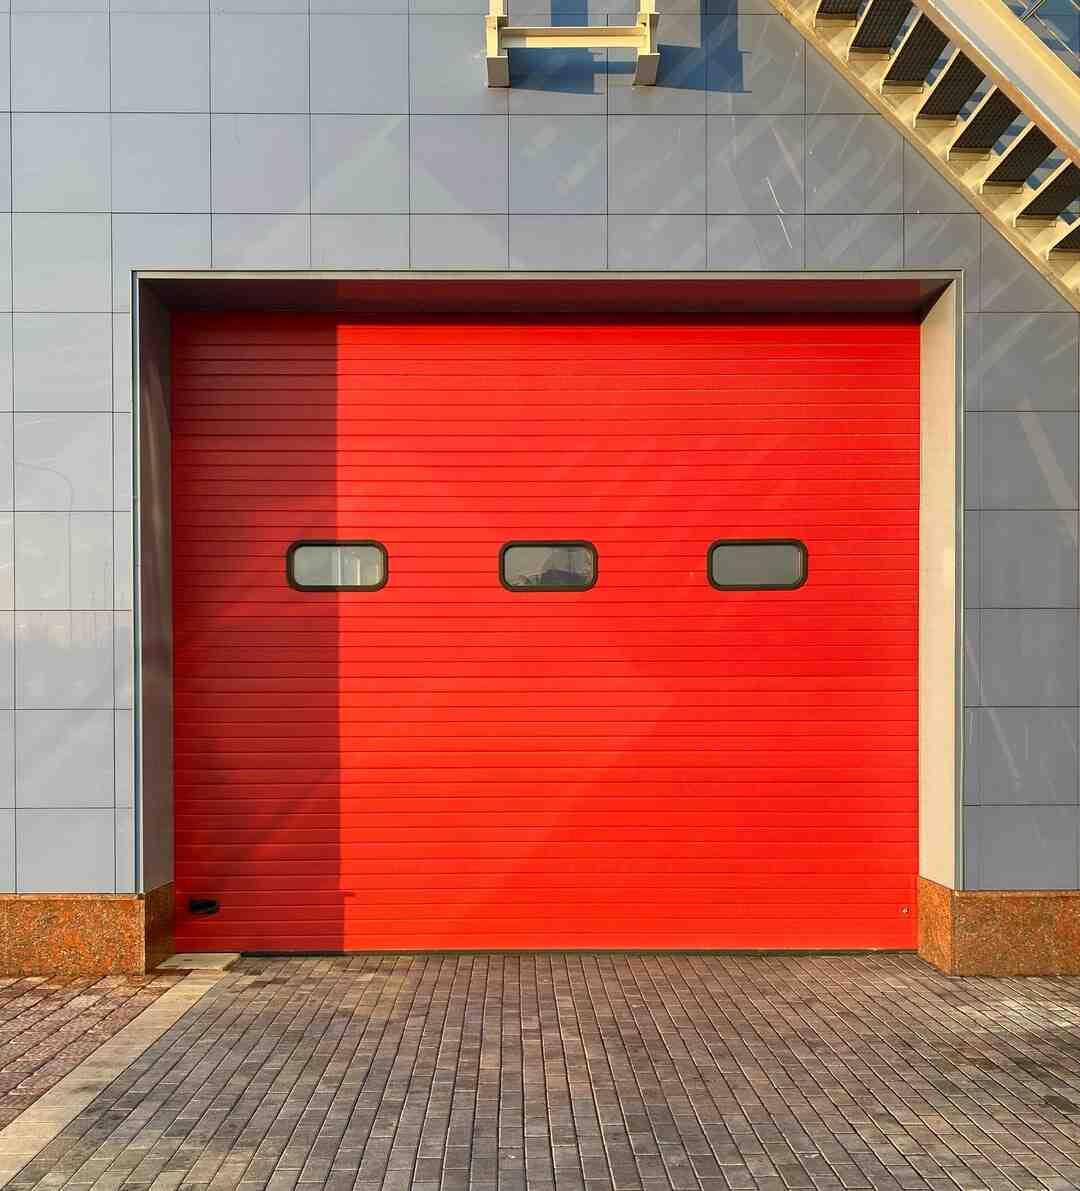 Comment isoler une porte de l'intérieur ?